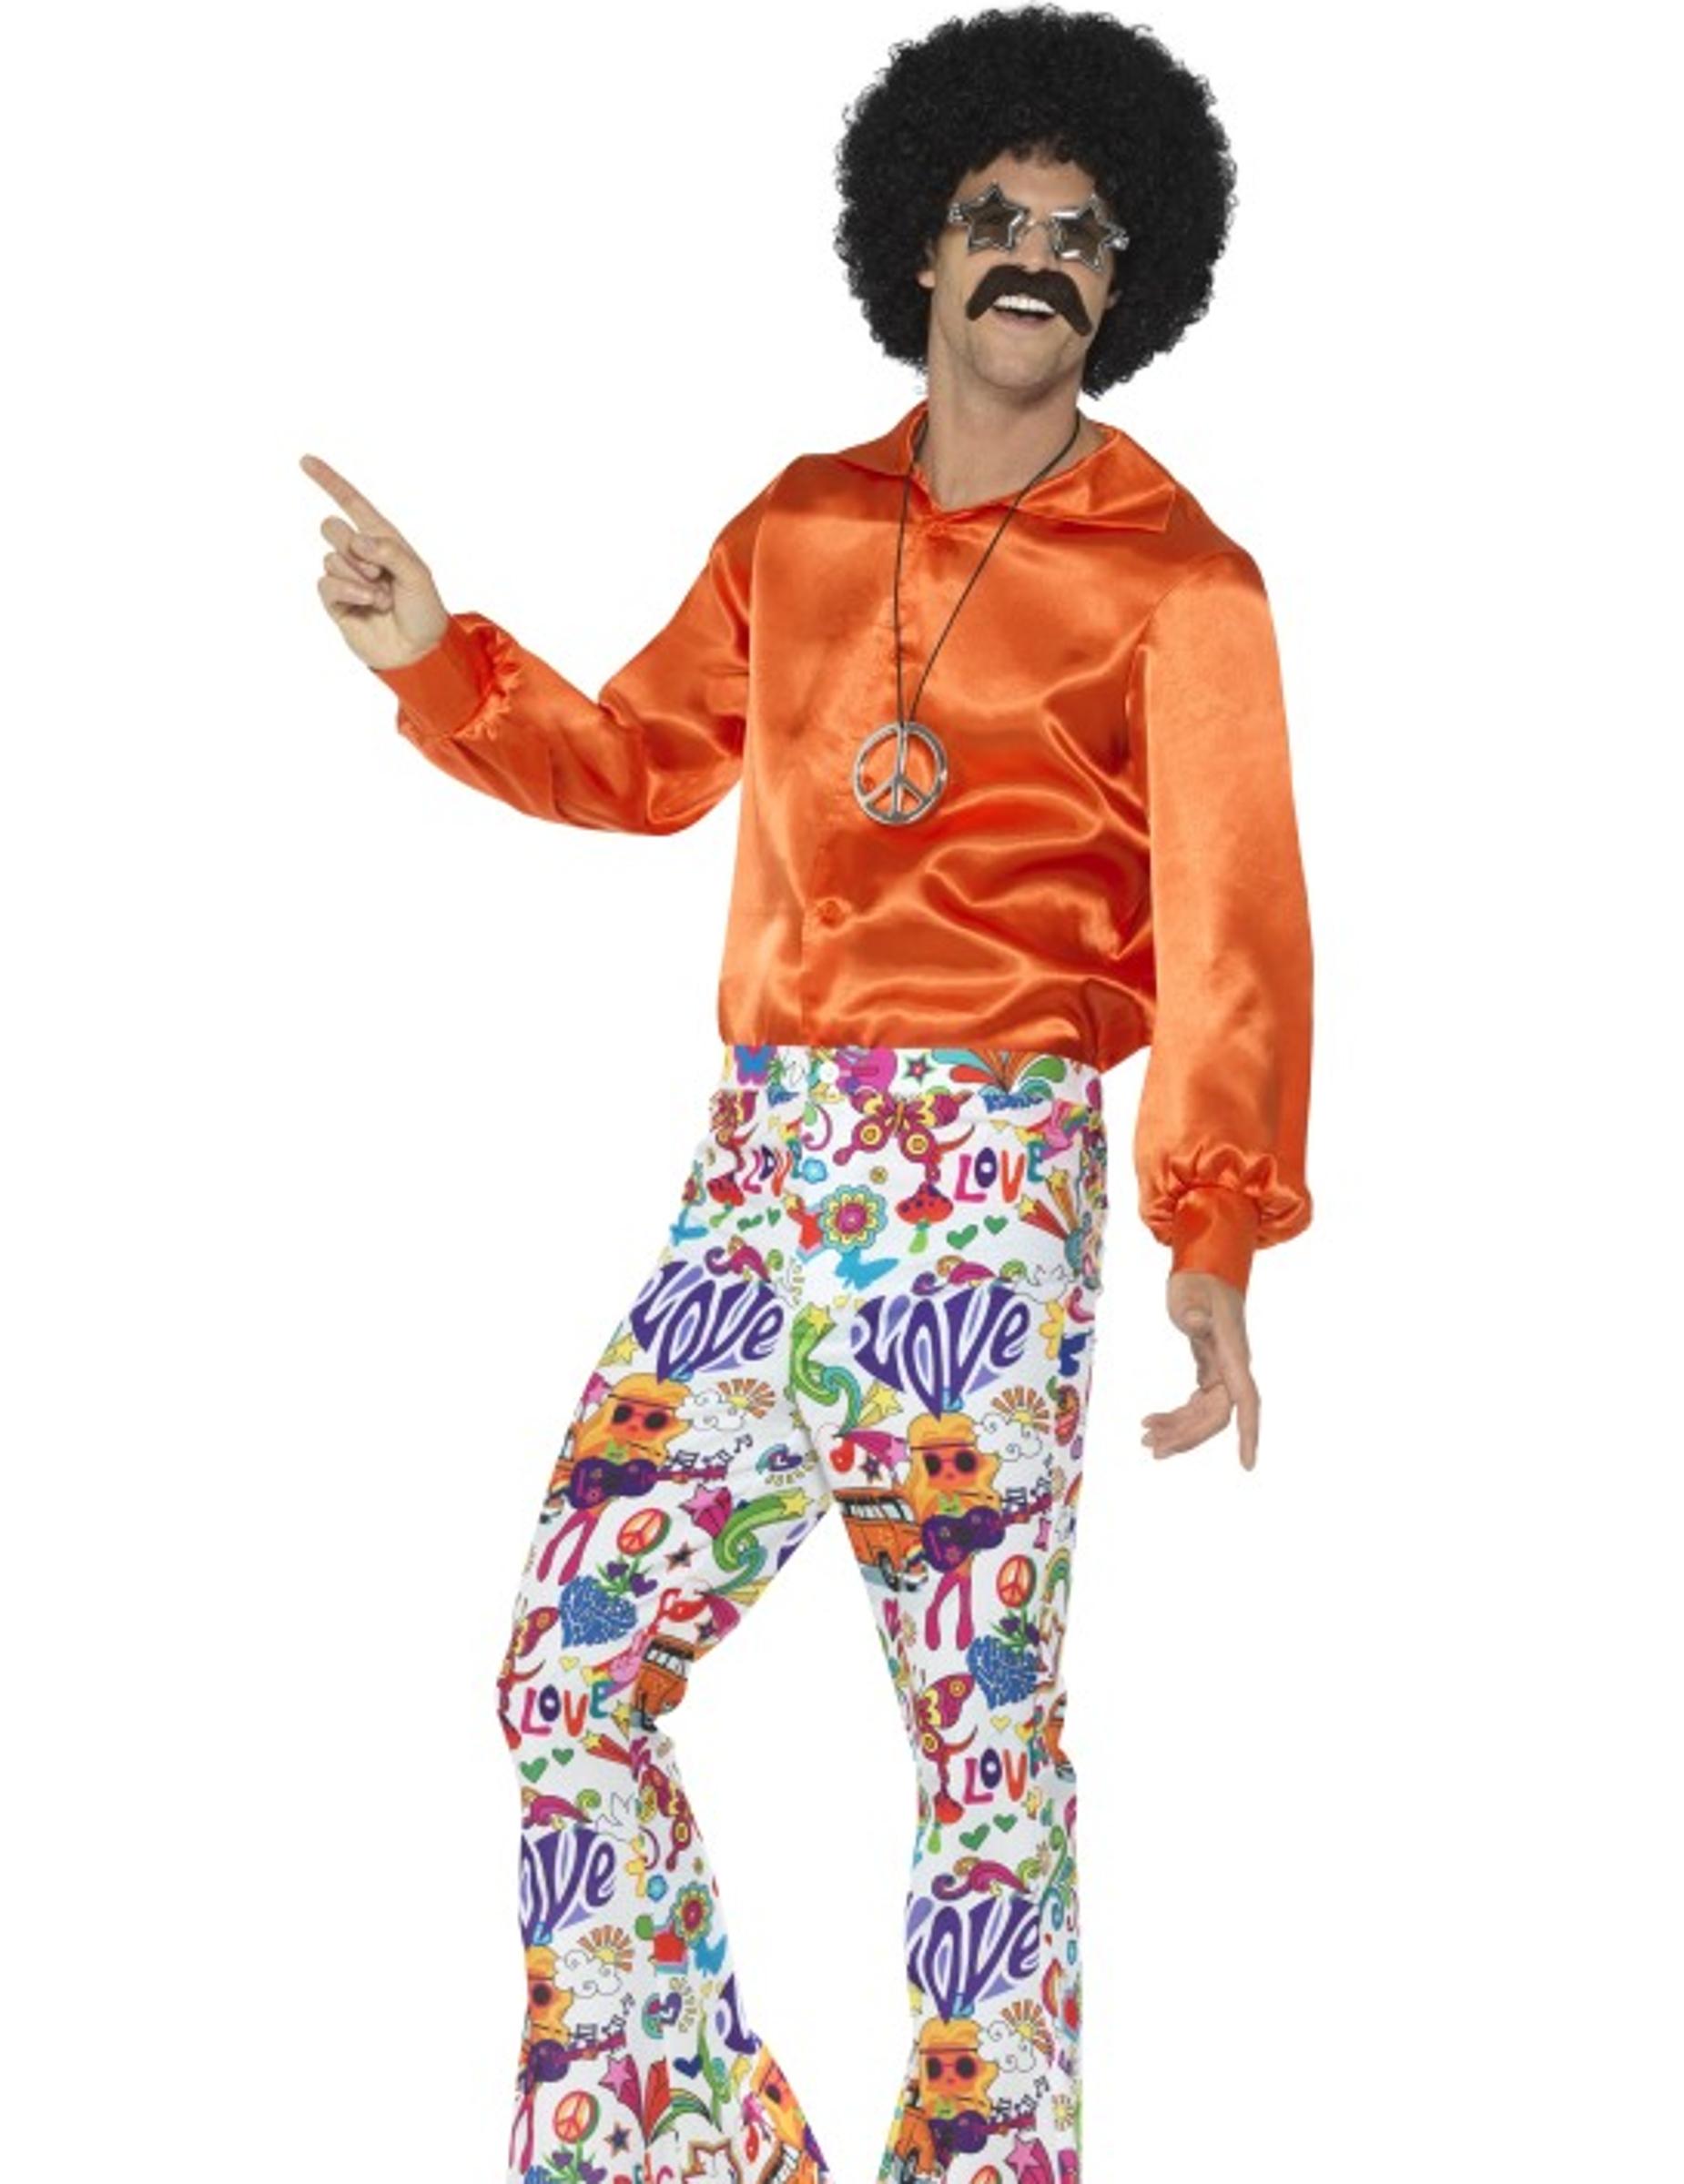 Pantaloni hippie colorati per uomo  Costumi adulti 4eb3f27adf9